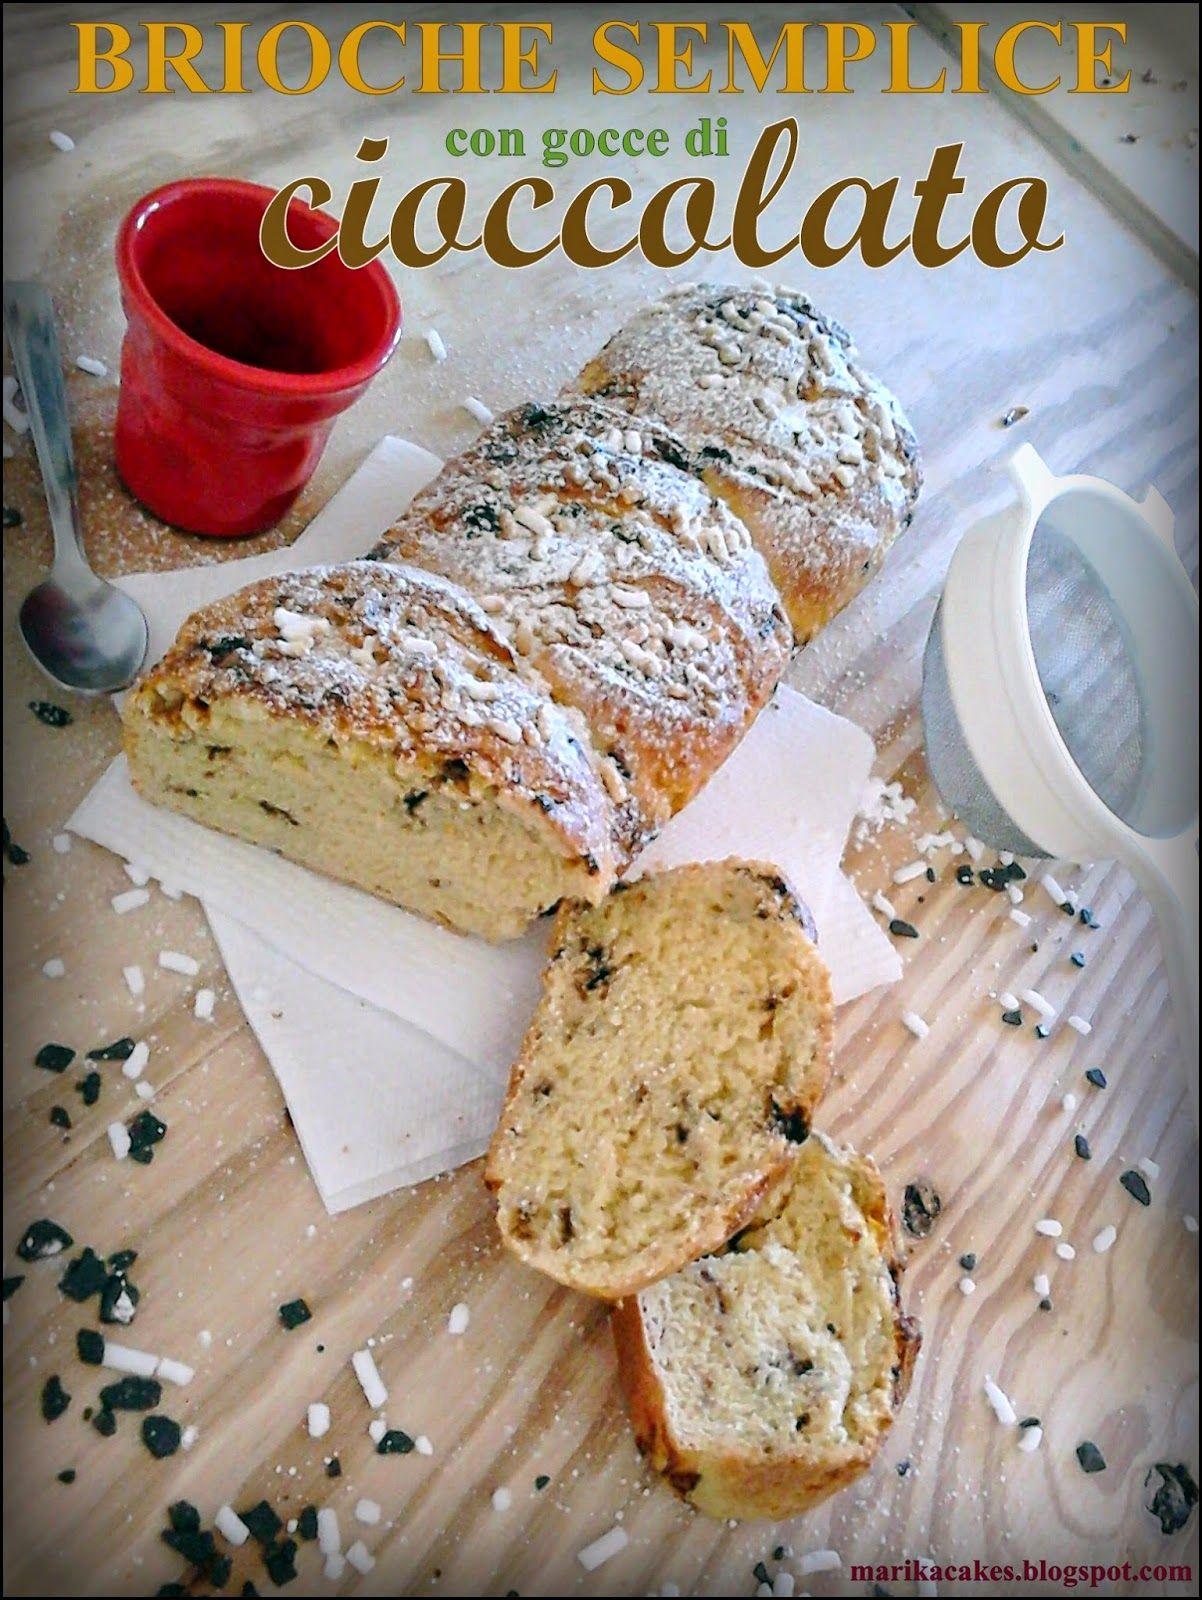 http://marikacakes.blogspot.it/2014/10/brioche-semplice-con-gocce-di-cioccolato.html#links